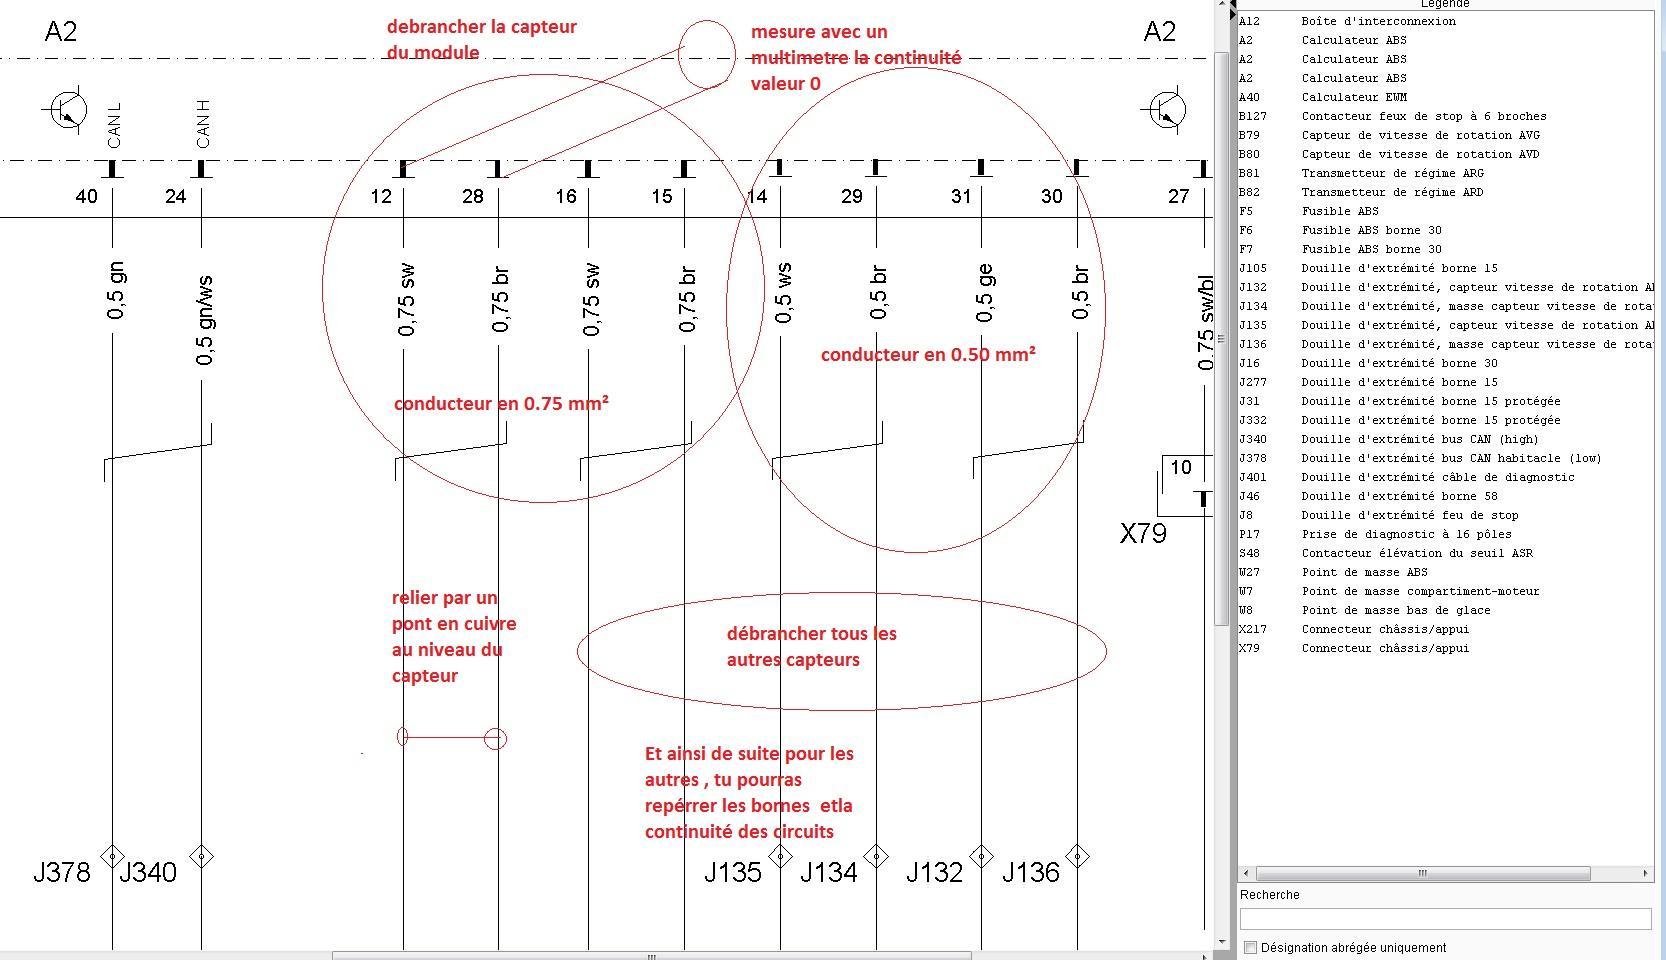 schema-electrique-pour-controle-wdb-ABS-4-9036621R331262.jpeg